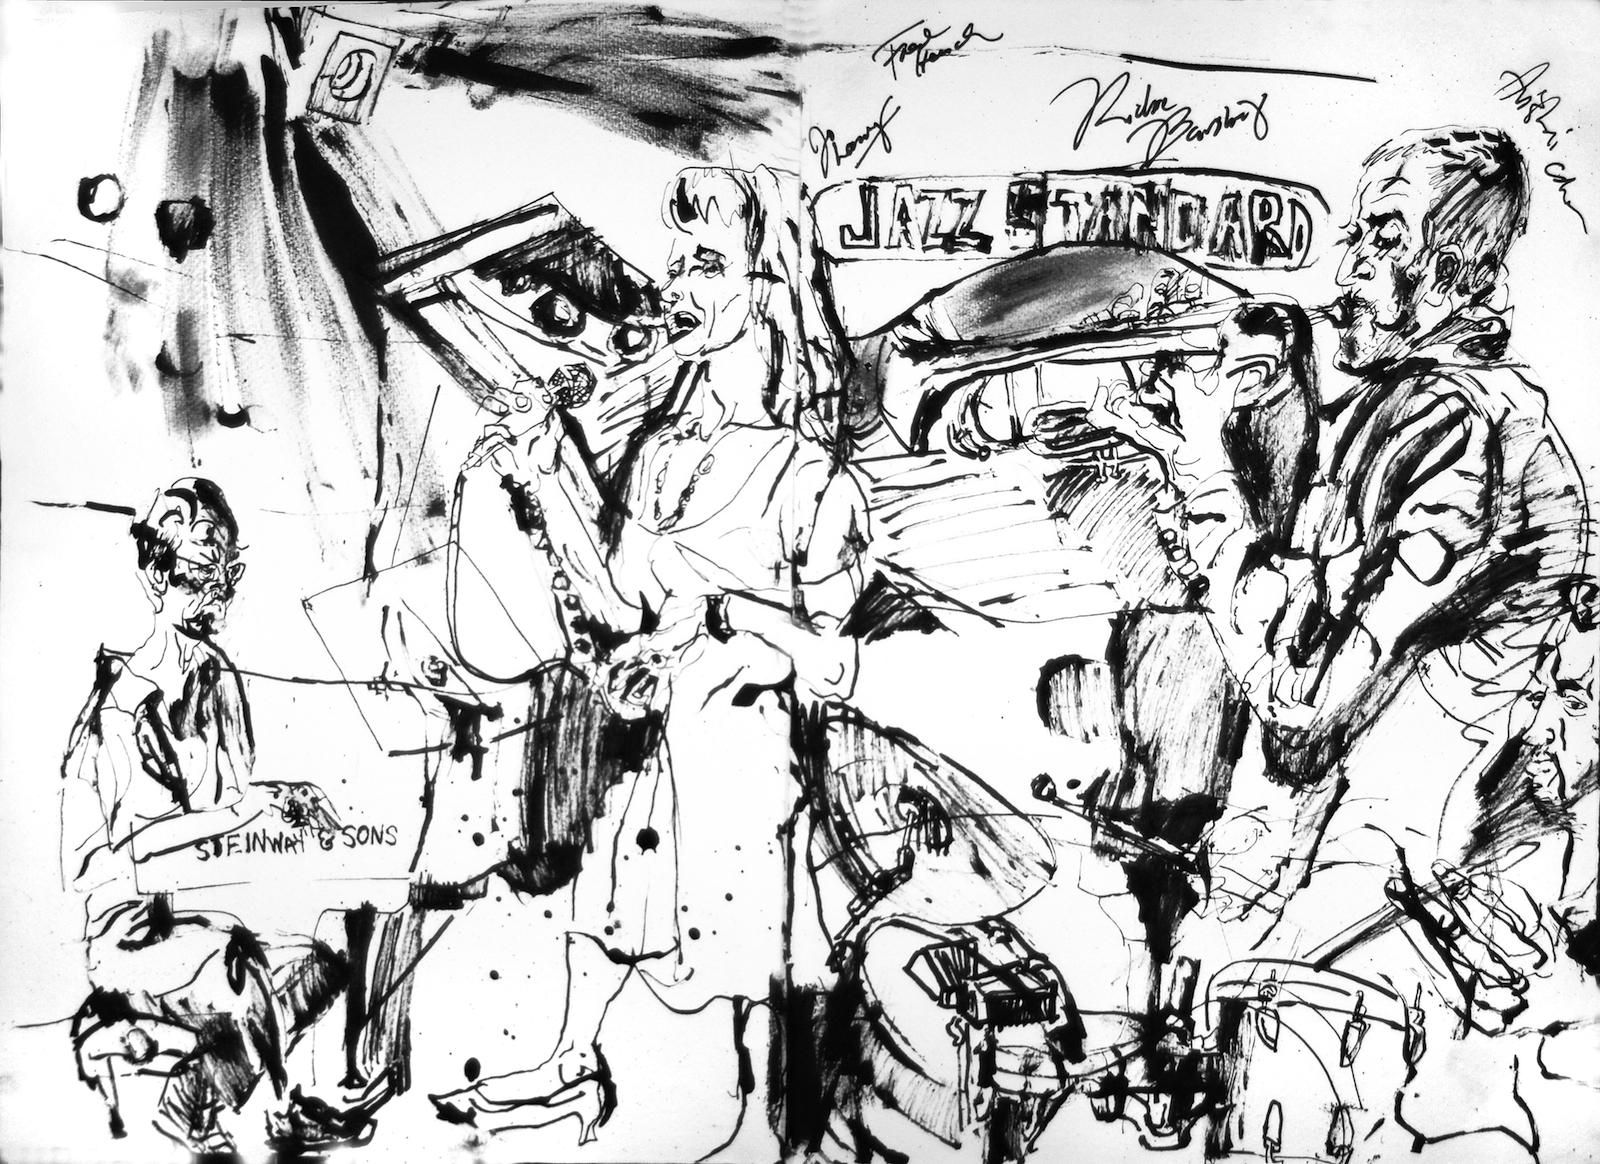 Fred hersch quartet featuring jo lawry 2011